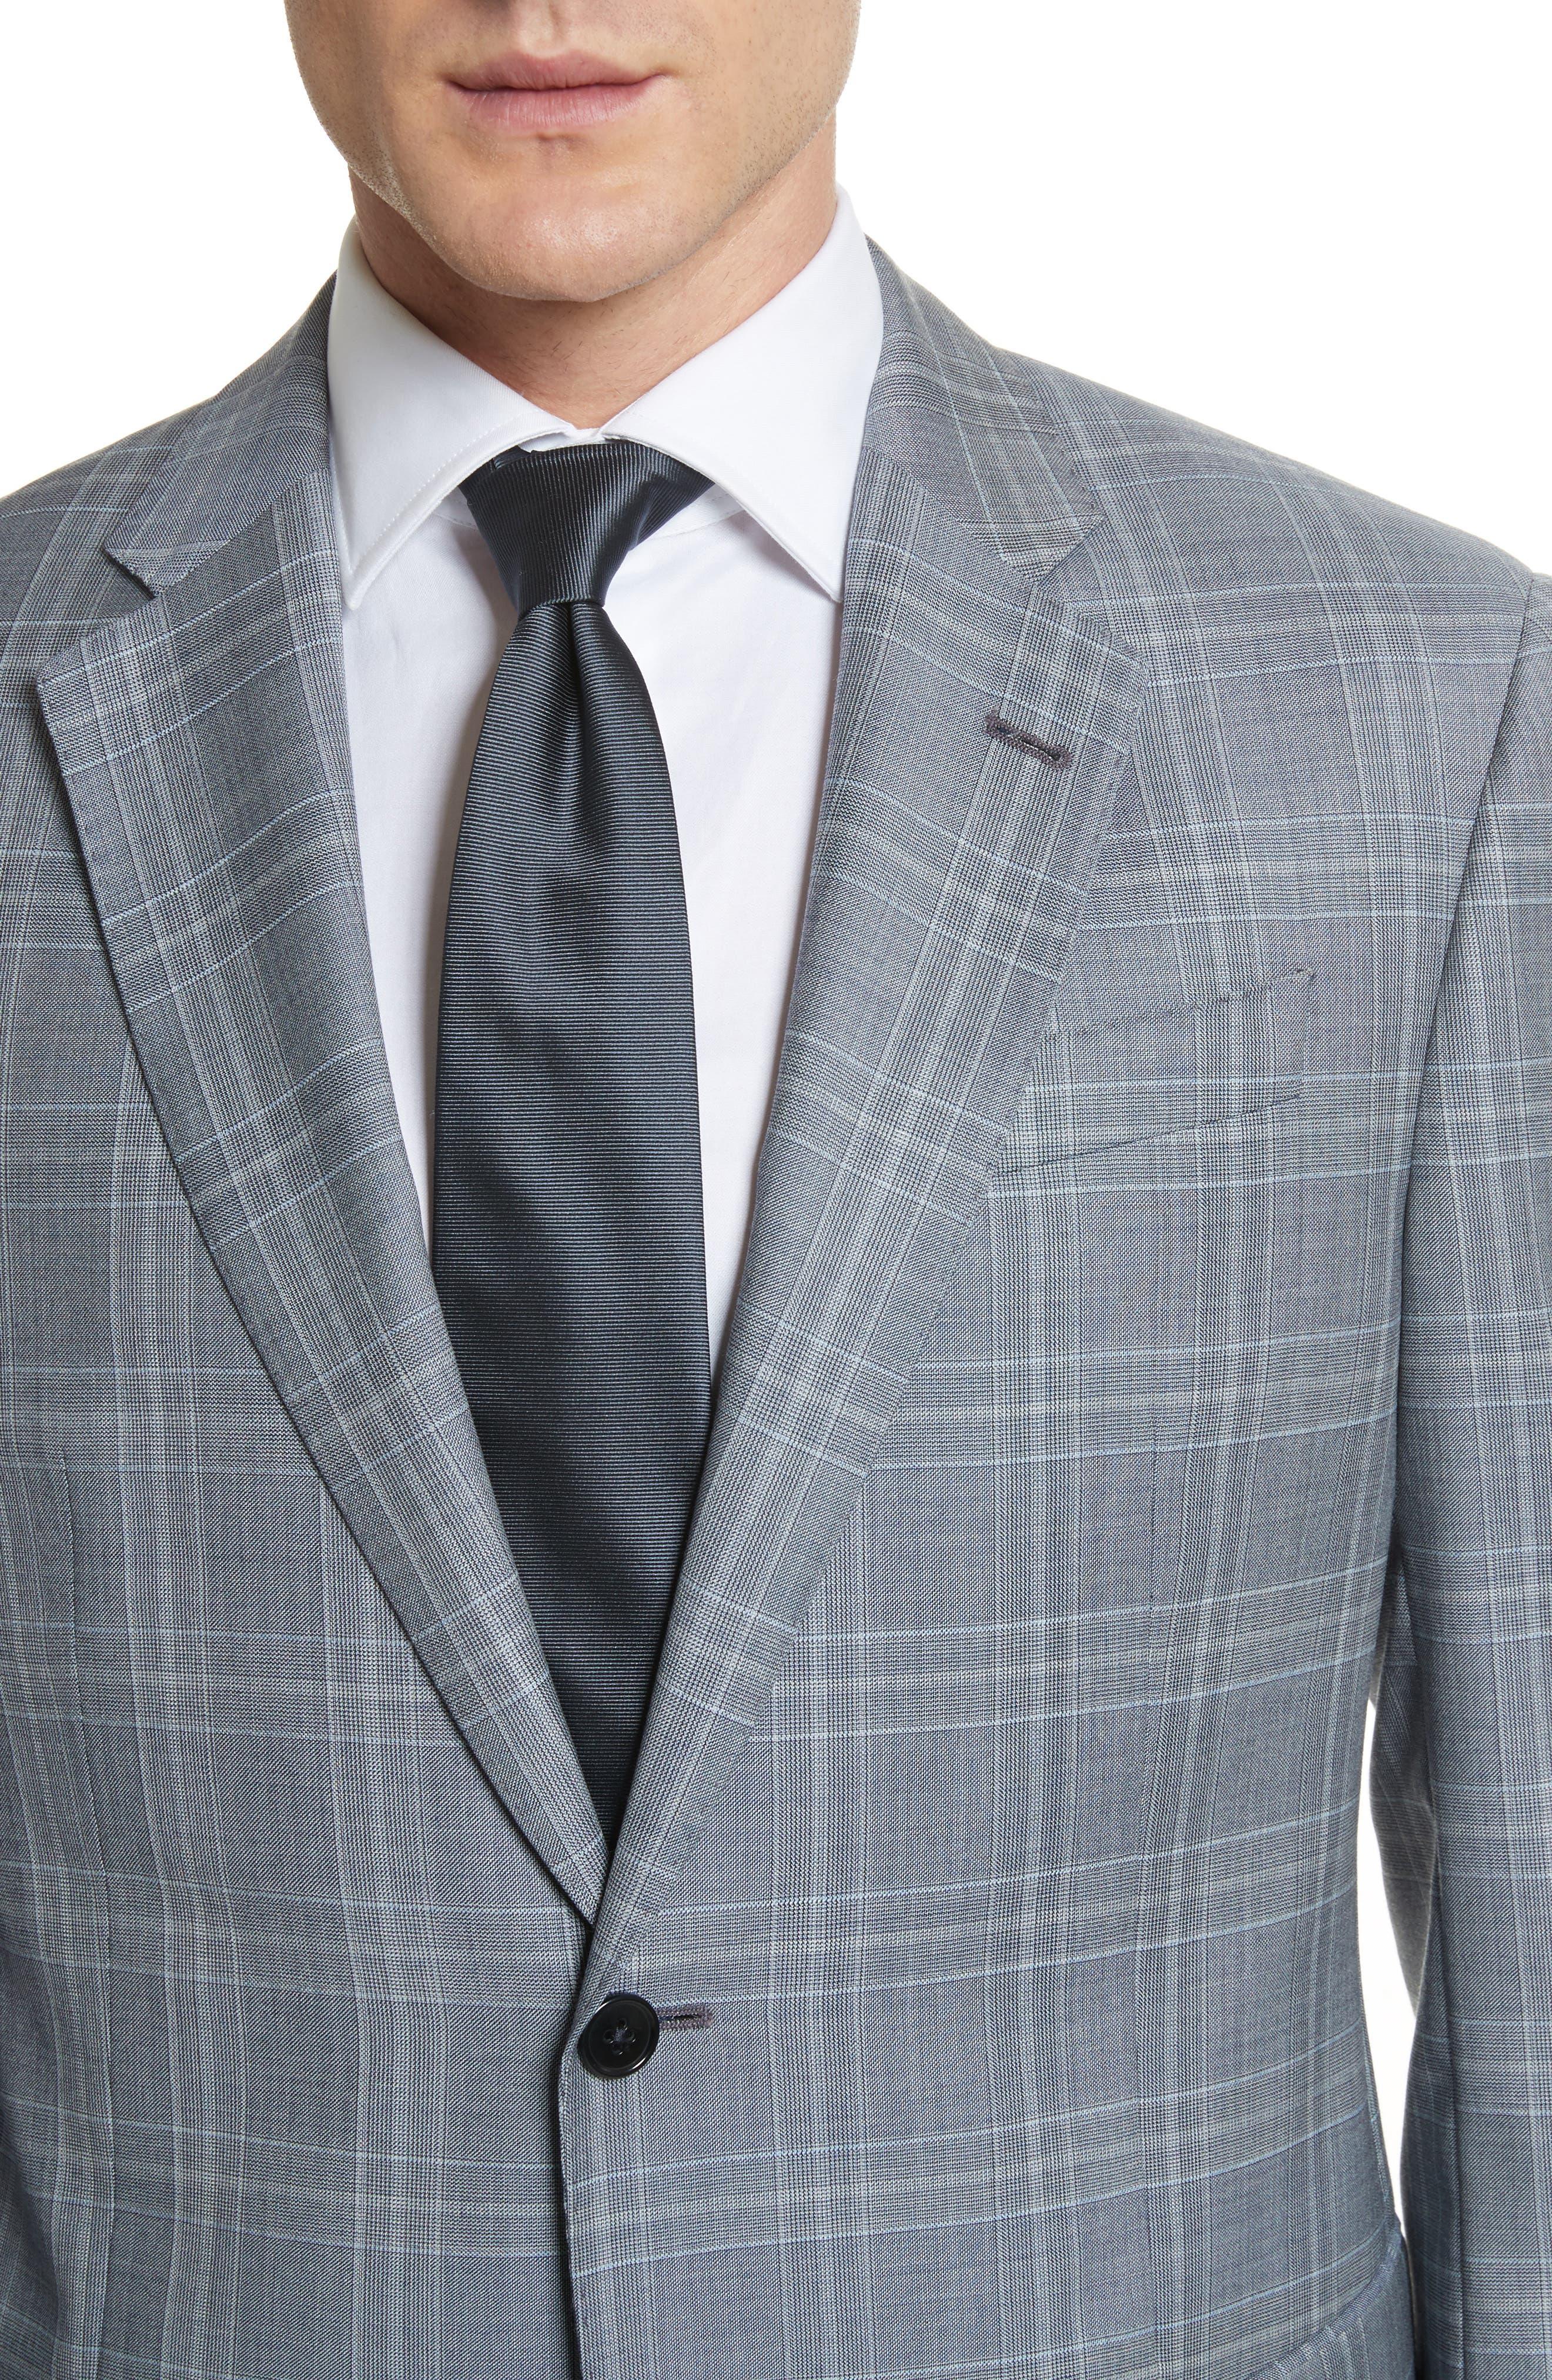 G-Line Trim Fit Plaid Wool Suit,                             Alternate thumbnail 4, color,                             Grey